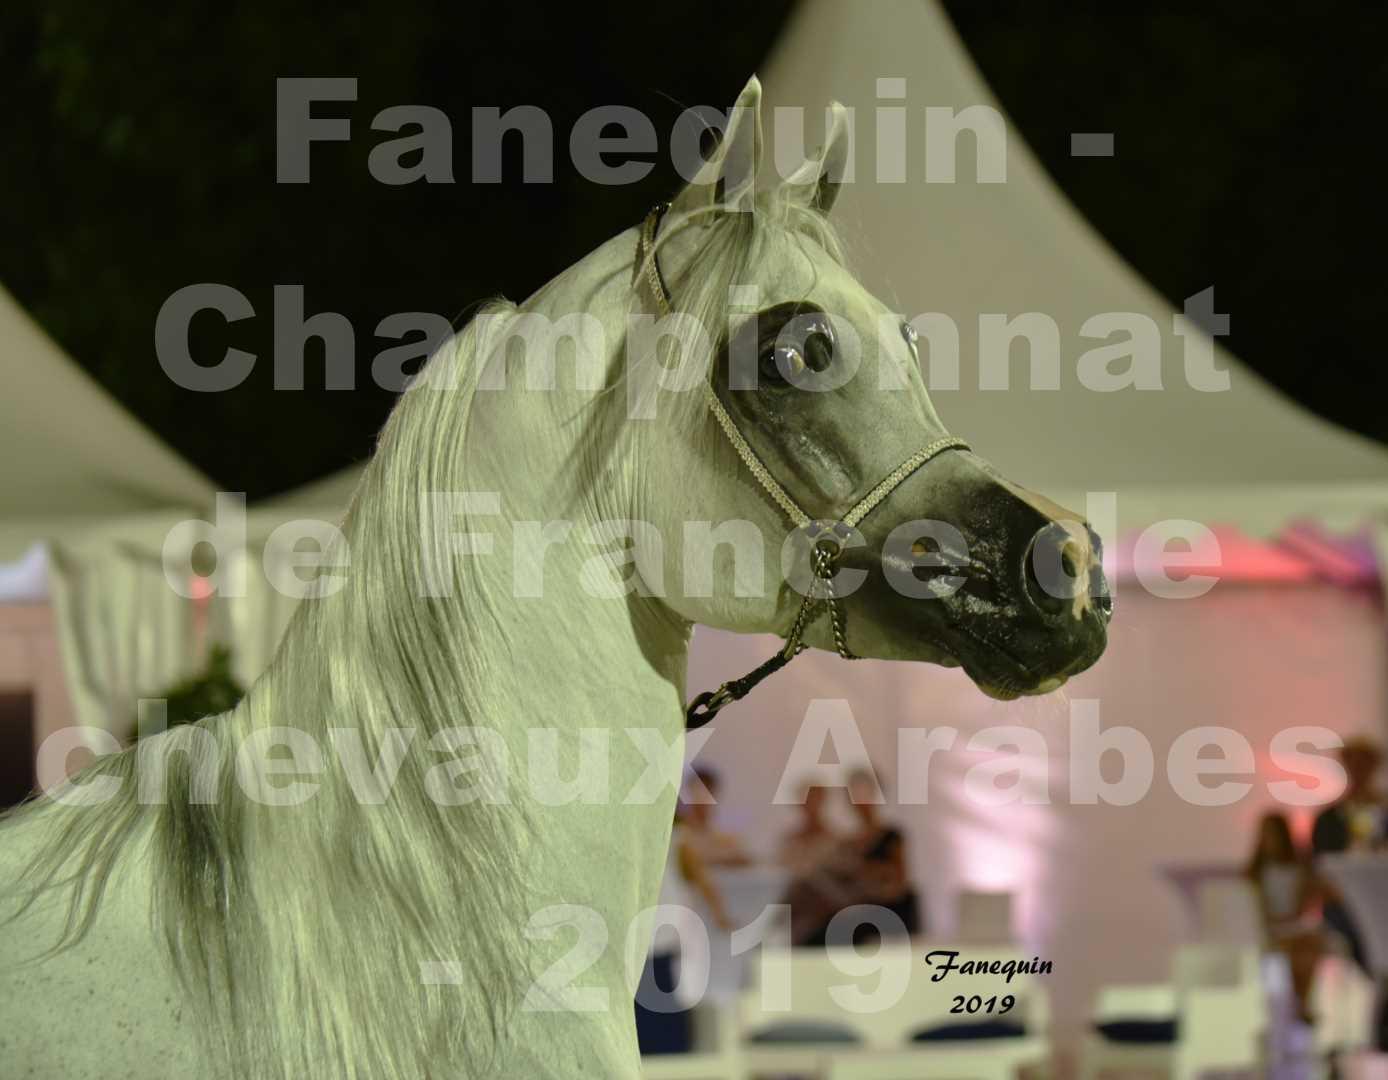 Championnat de France des chevaux Arabes en 2019 à VICHY - SHAMS EL ASHIRAF - Portraits - 1